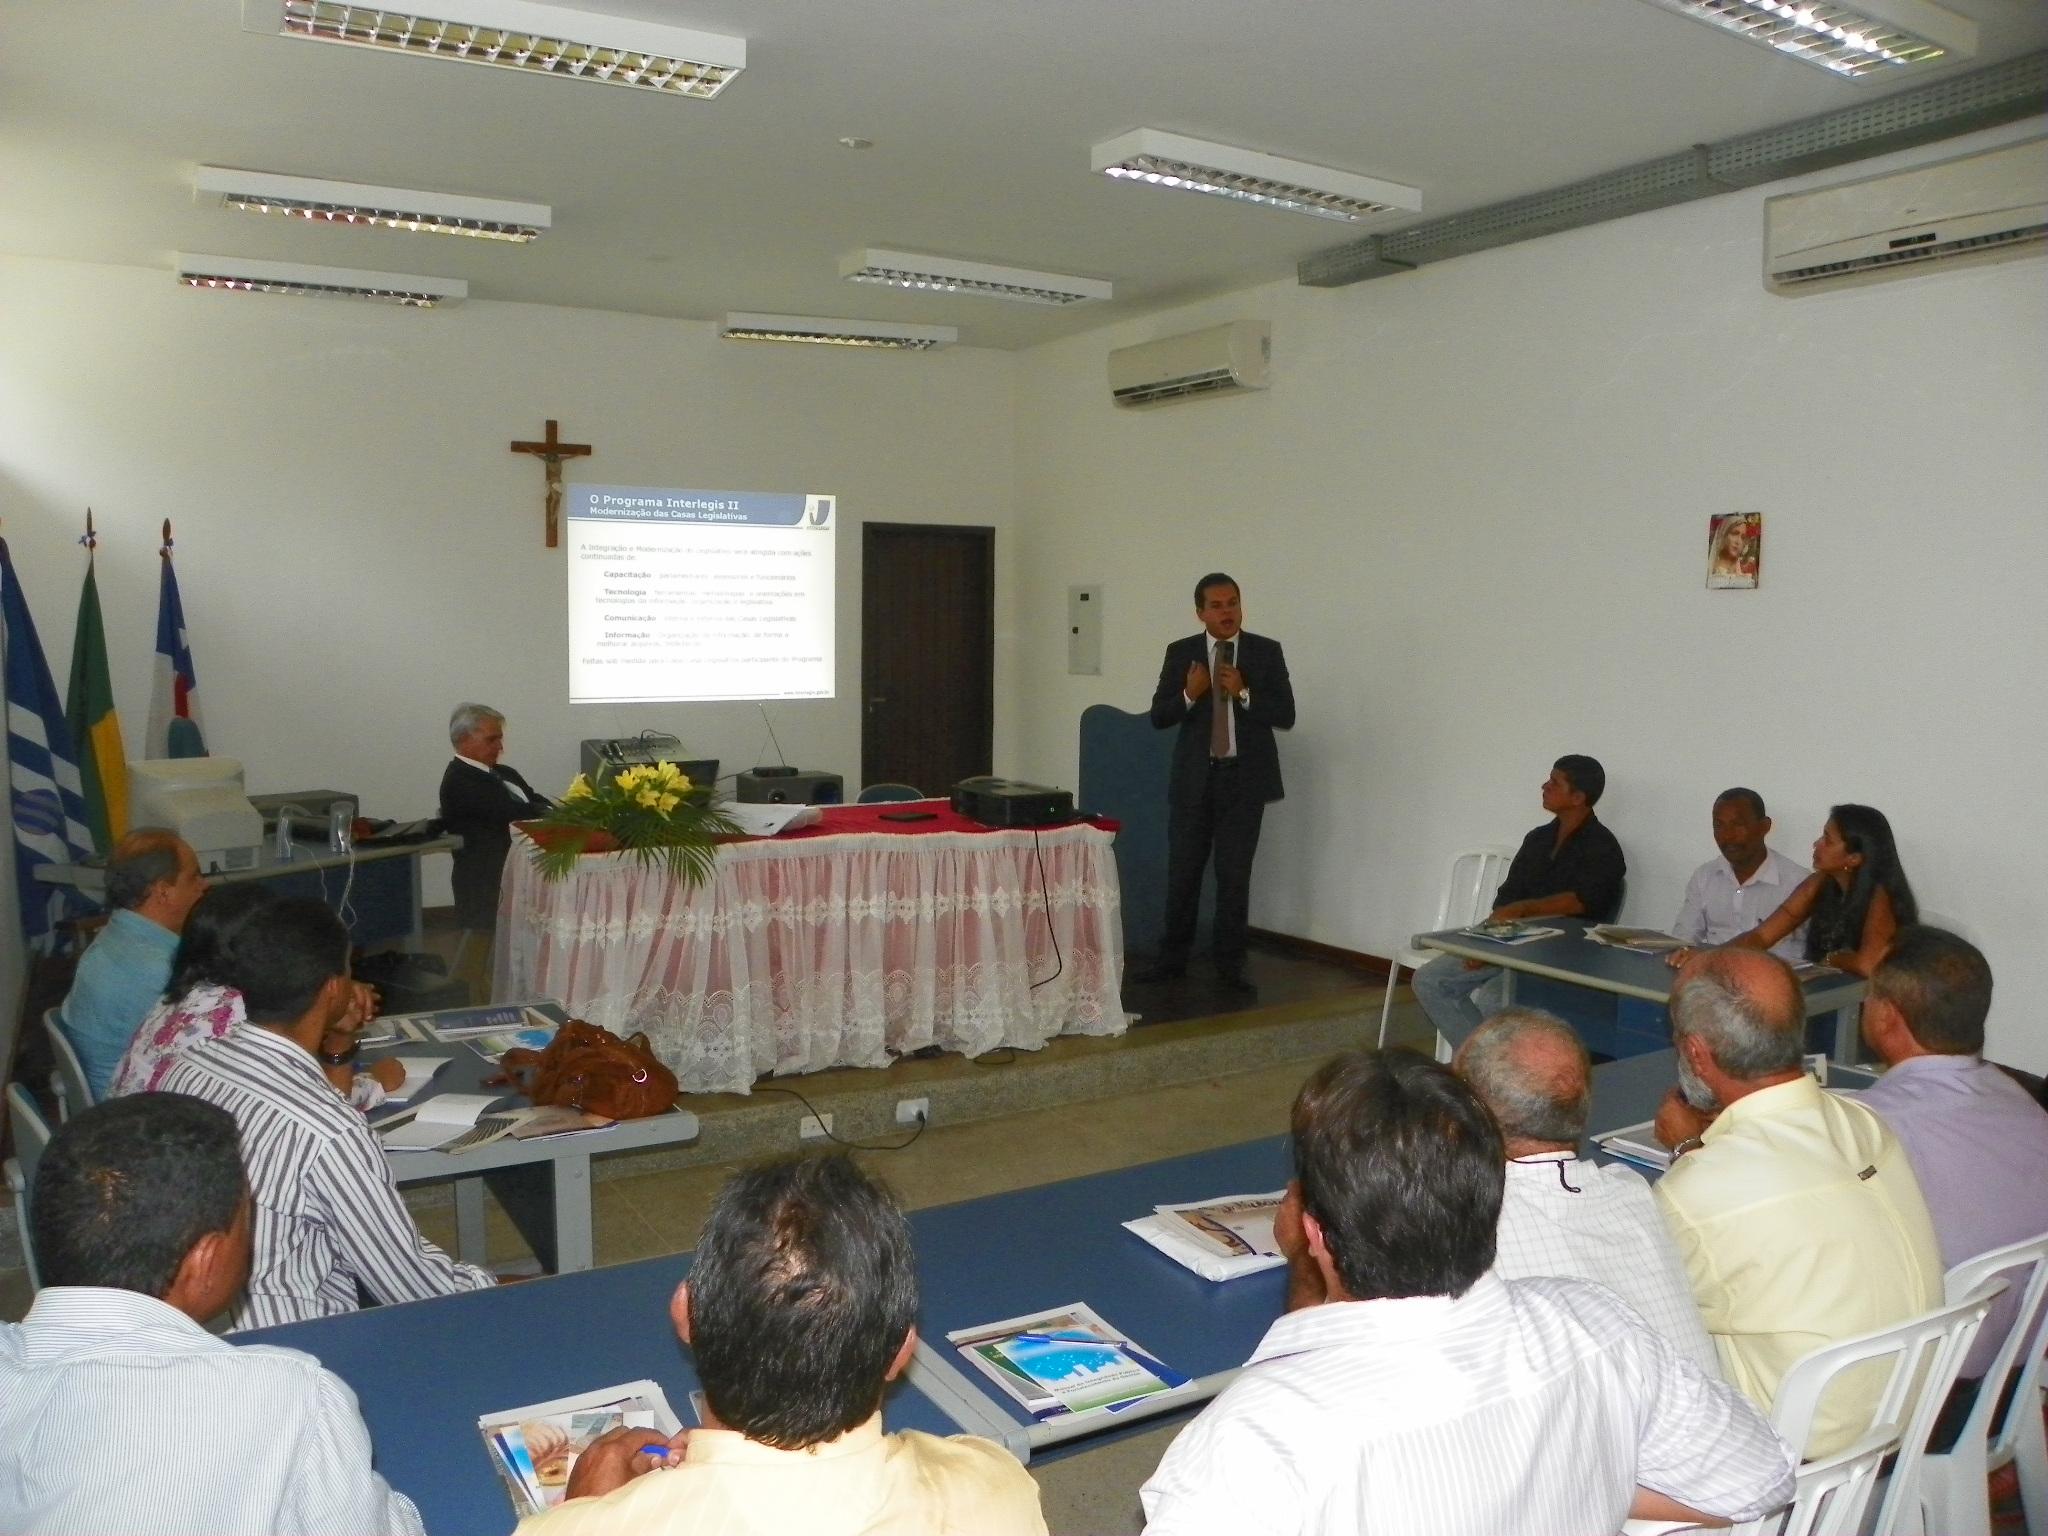 MODERNIZAÇÃO - Lençóis, na Bahia, recebe oficinas do Interlegis